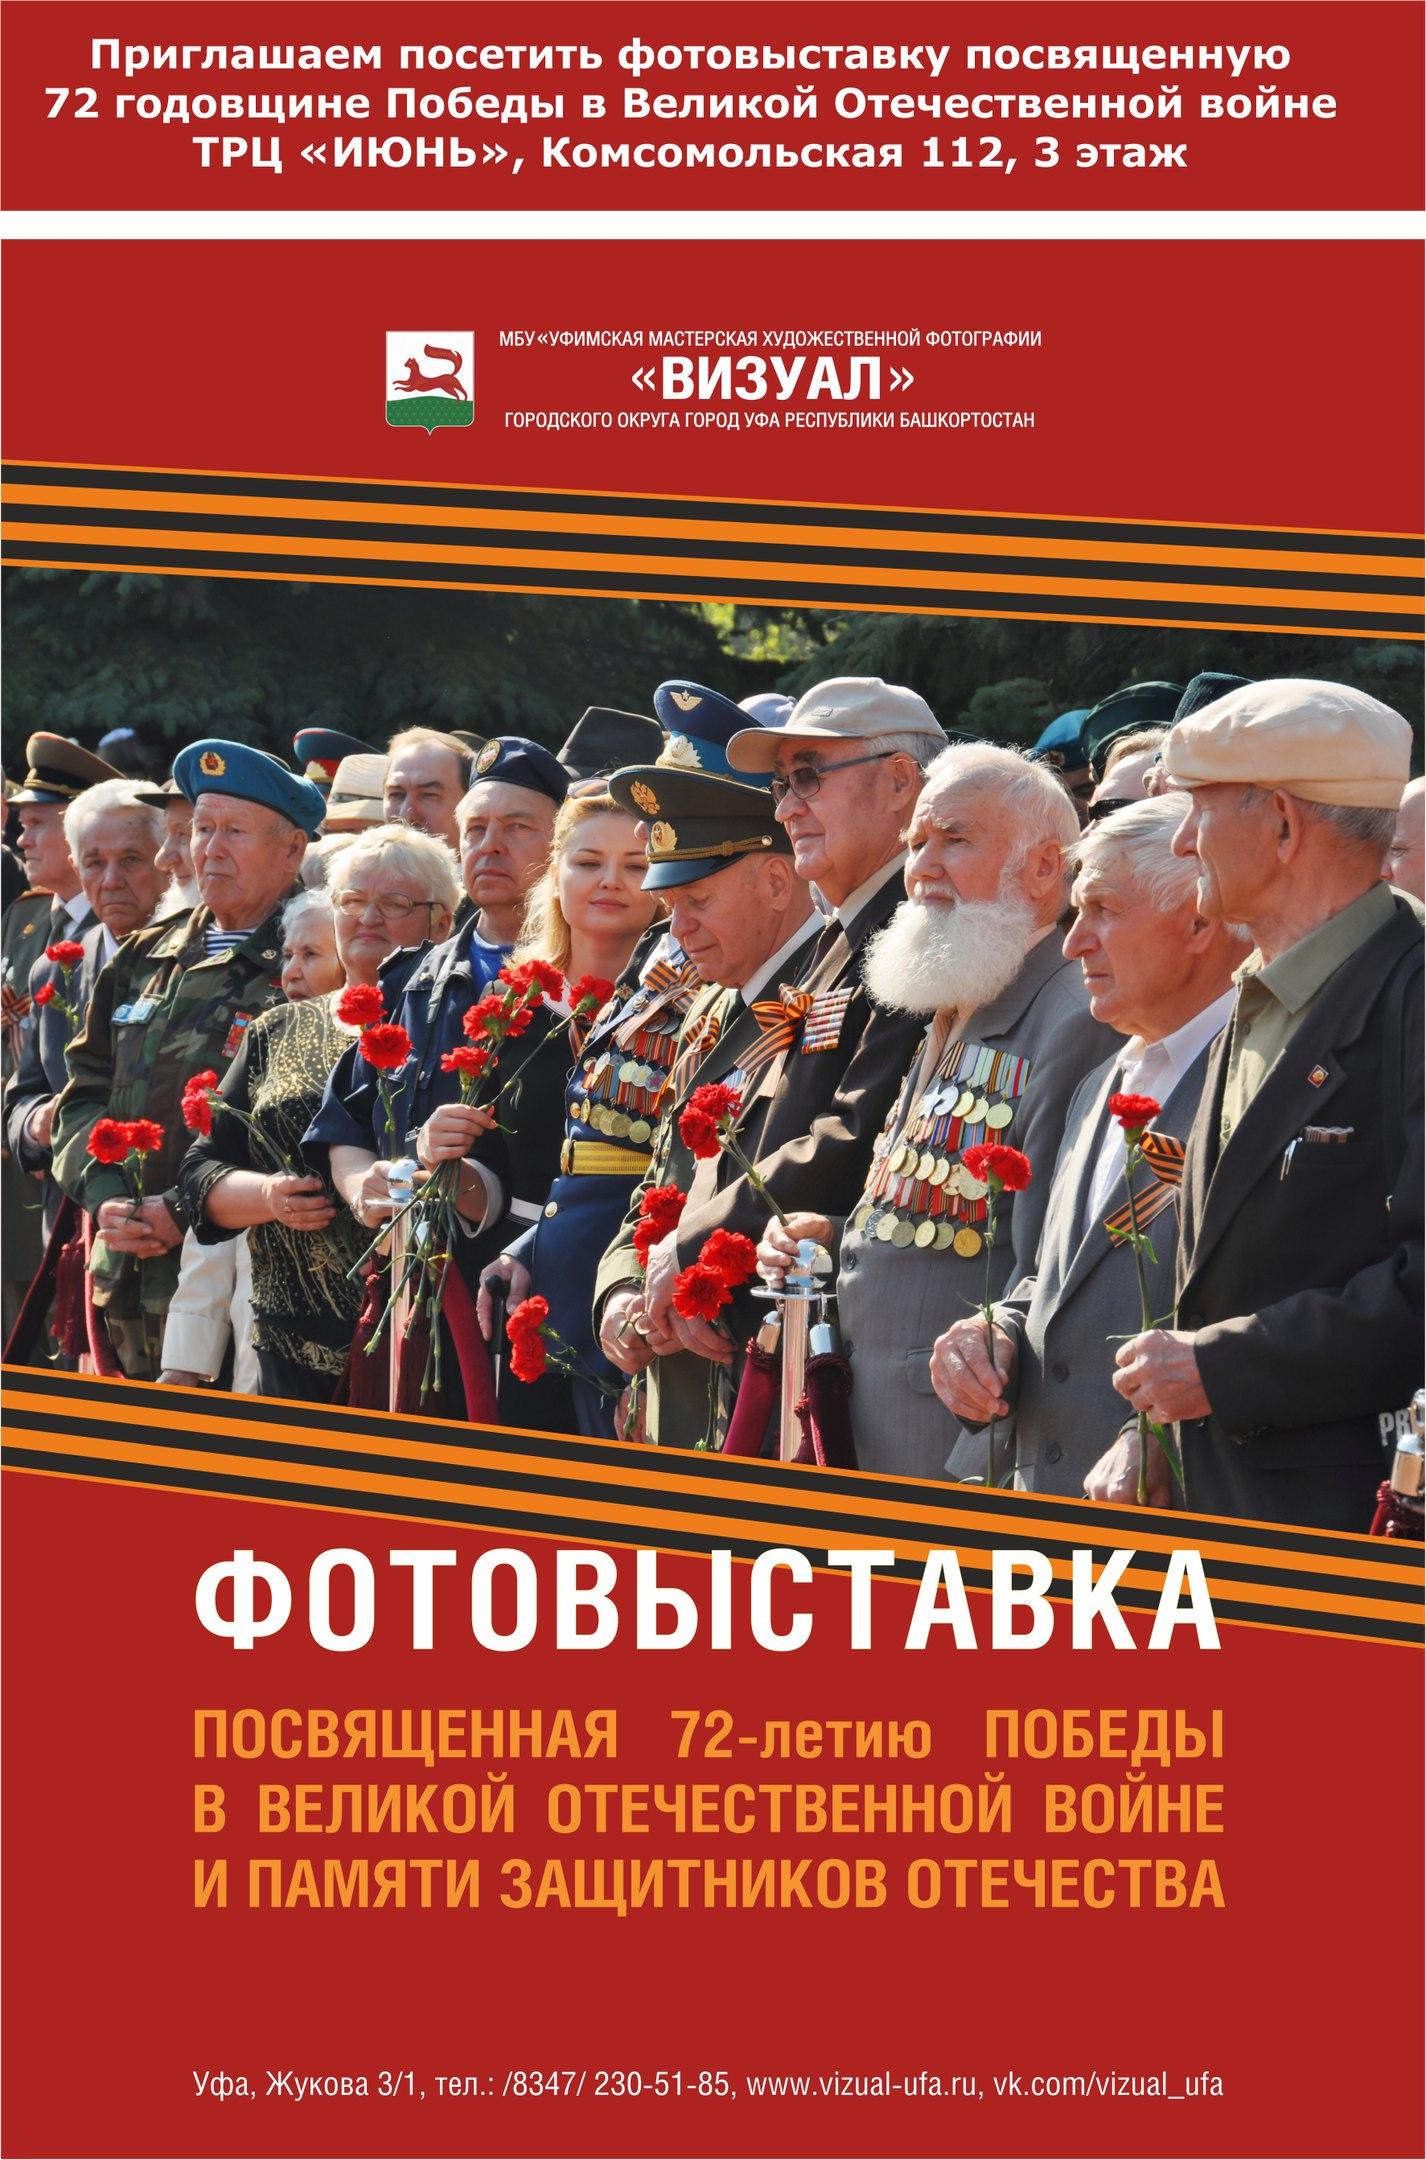 Приглашаем посетить фотовыставку посвященную 72 годовщине Победы в Великой Отечественной войне